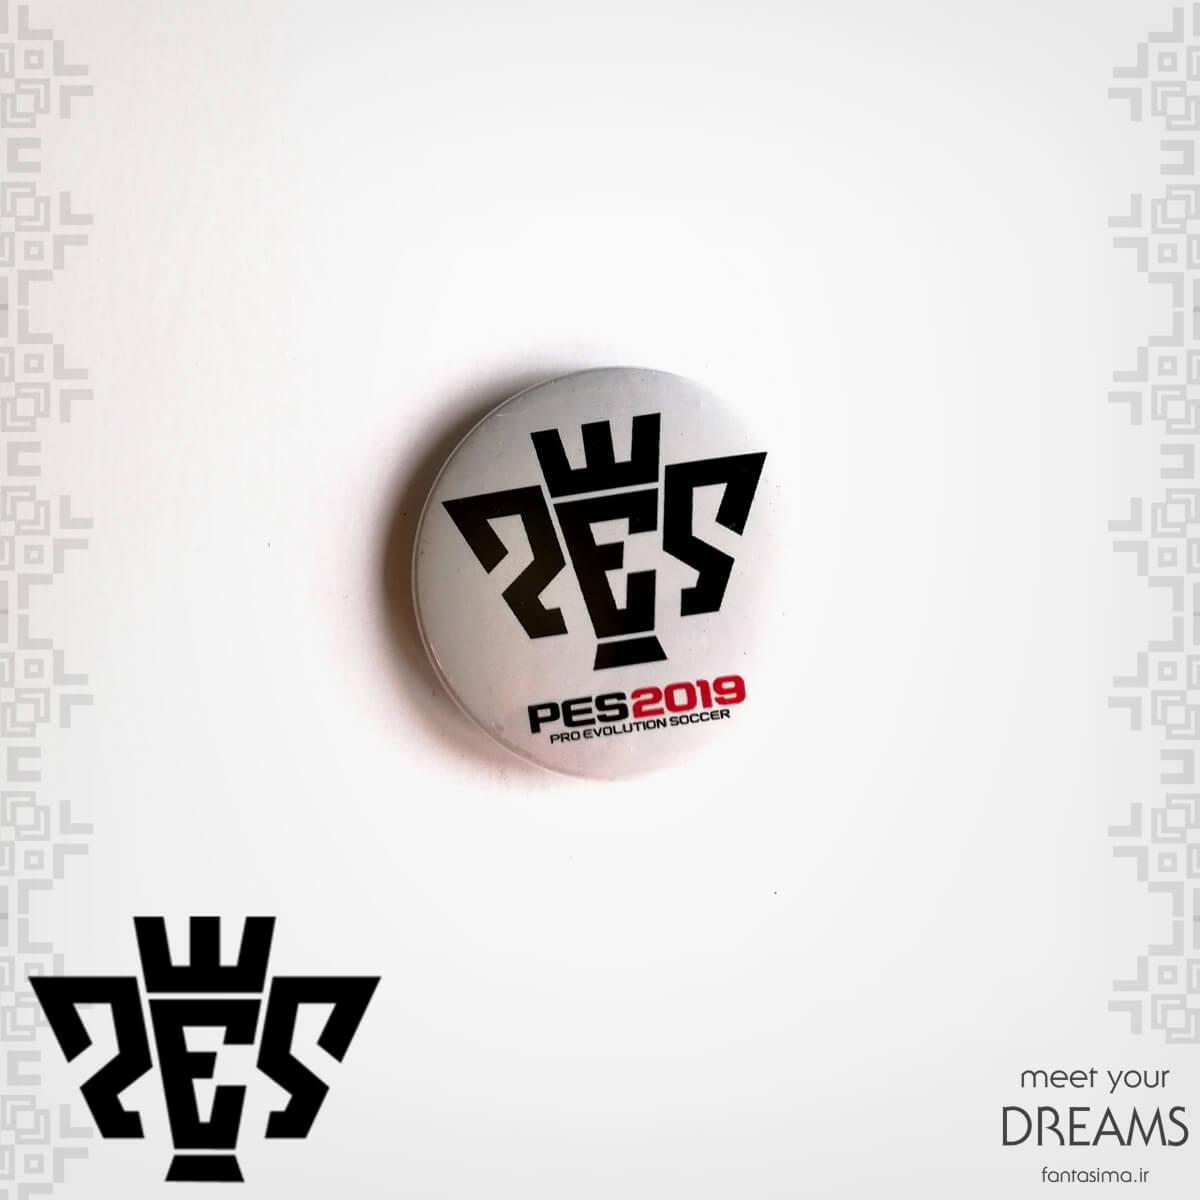 پیکسل فلزی pes2019